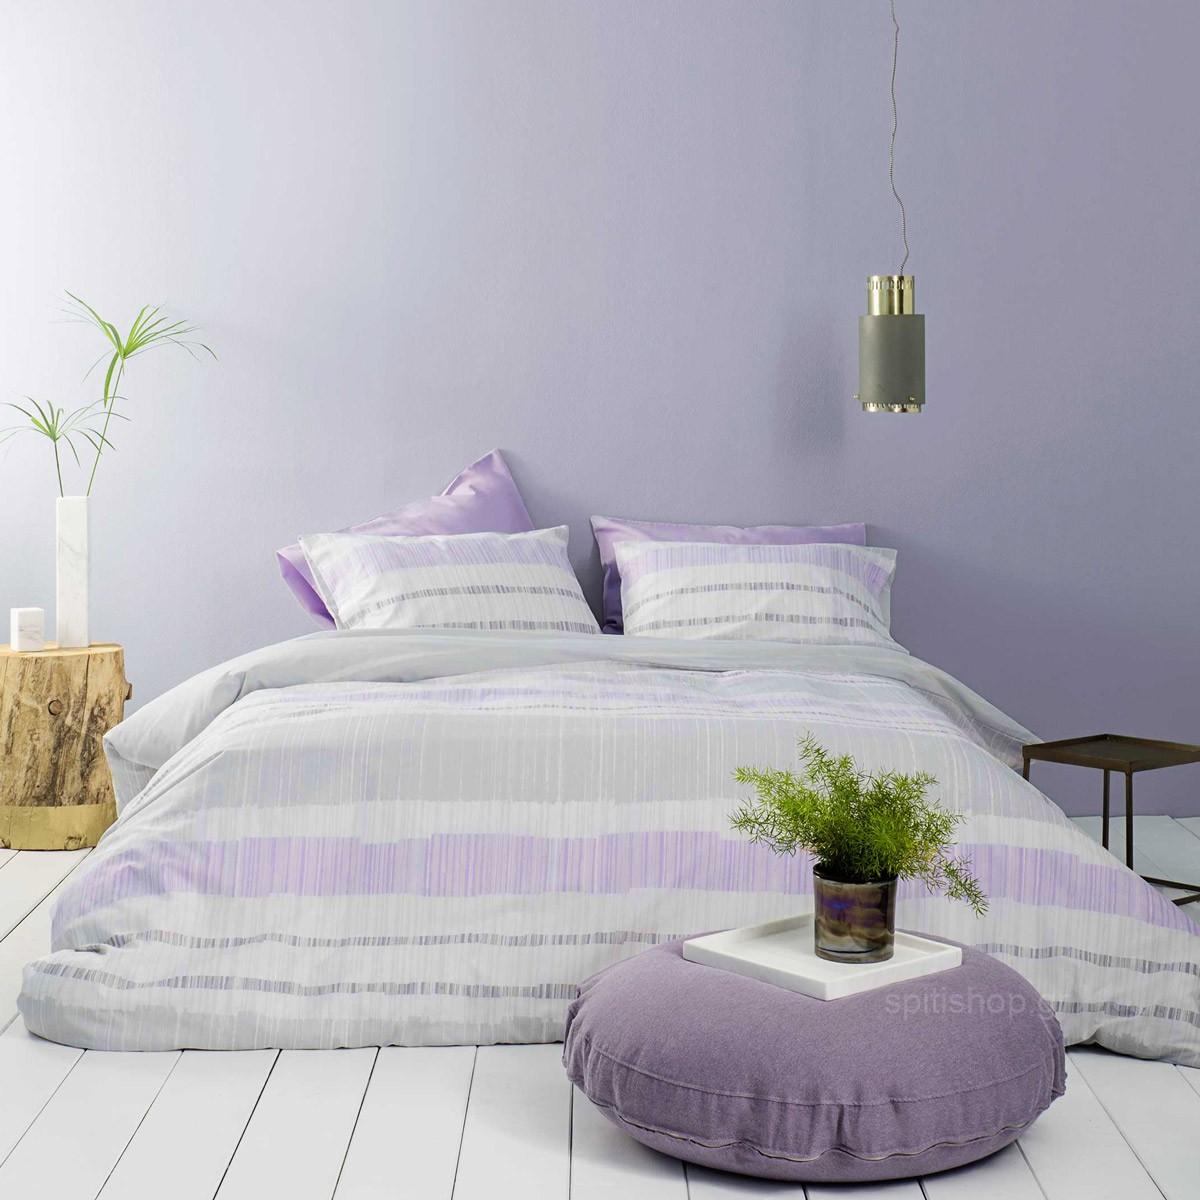 Σεντόνια Υπέρδιπλα (Σετ) Nima Bed Linen Rules Lilac ΜΕ ΛΑΣΤΙΧΟ ΜΕ ΛΑΣΤΙΧΟ